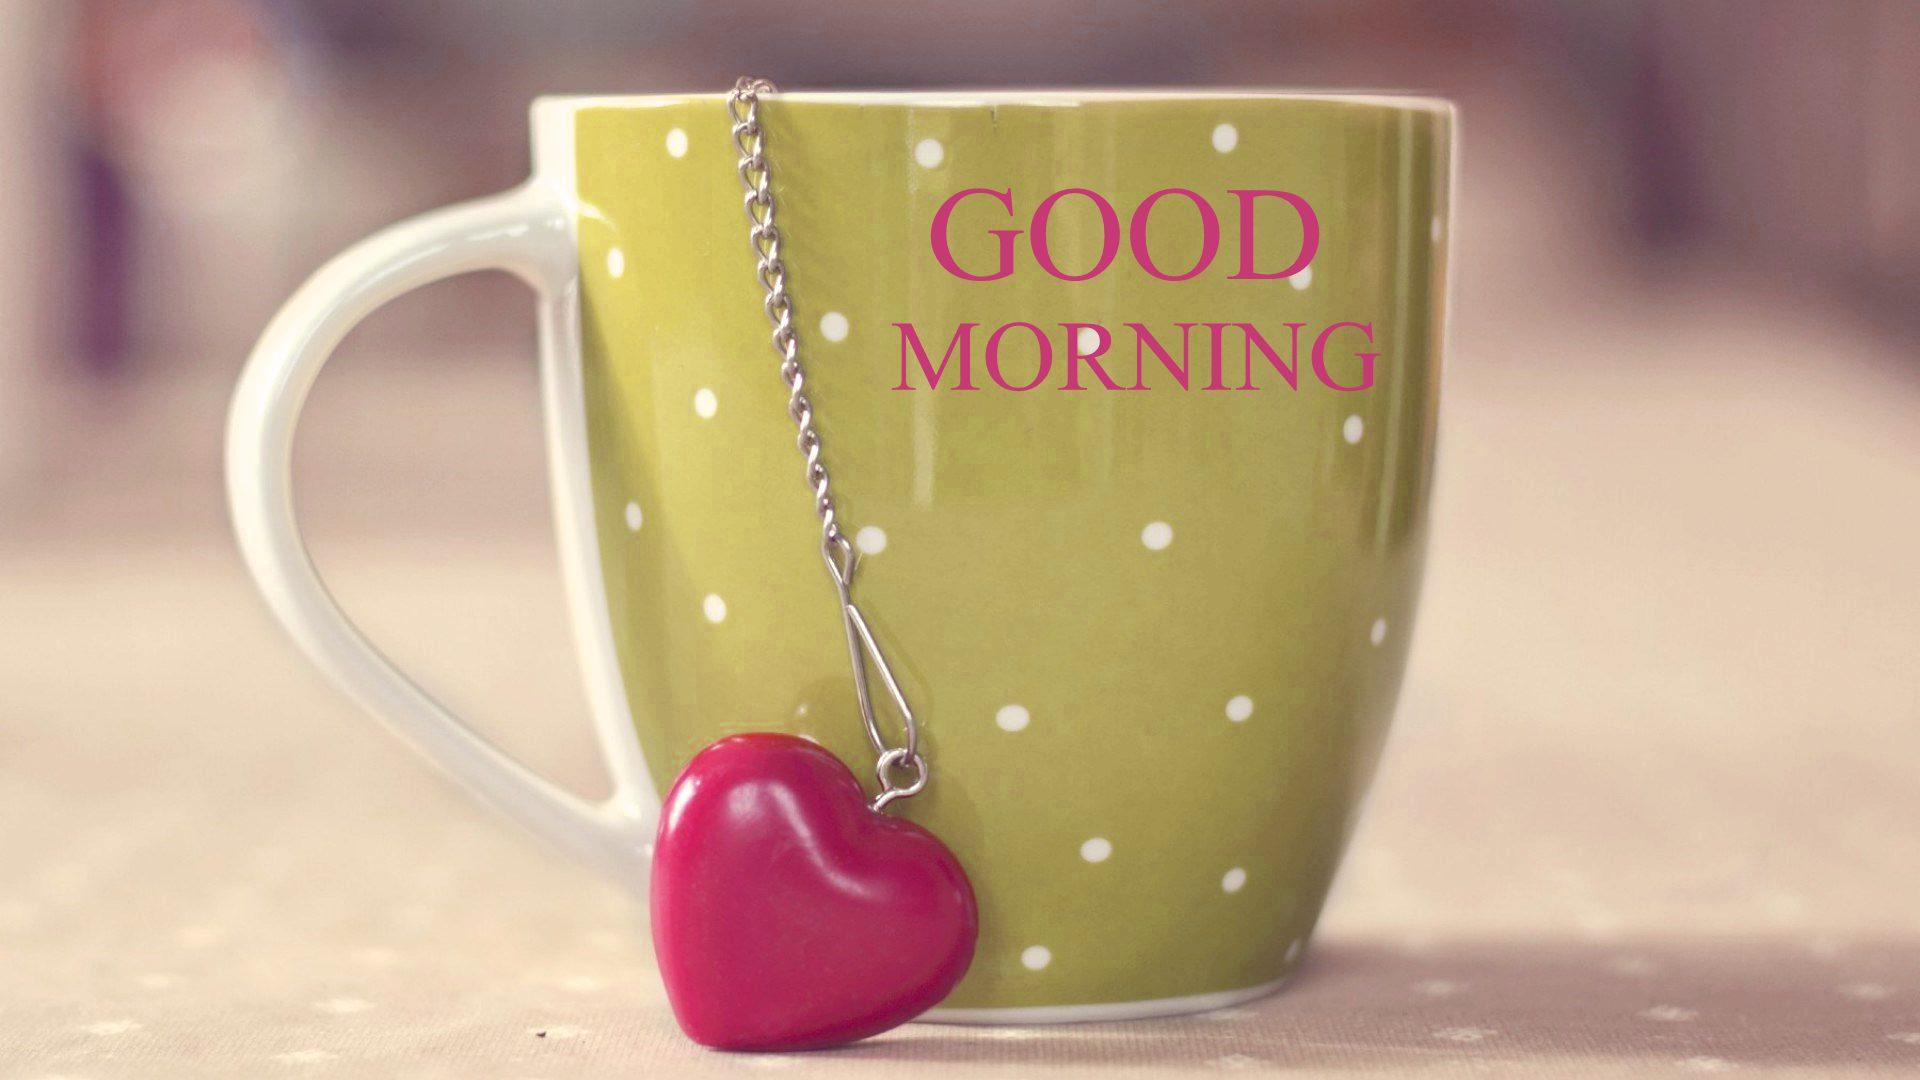 صور عبارات الصباح , اجمل عبارات للصباح